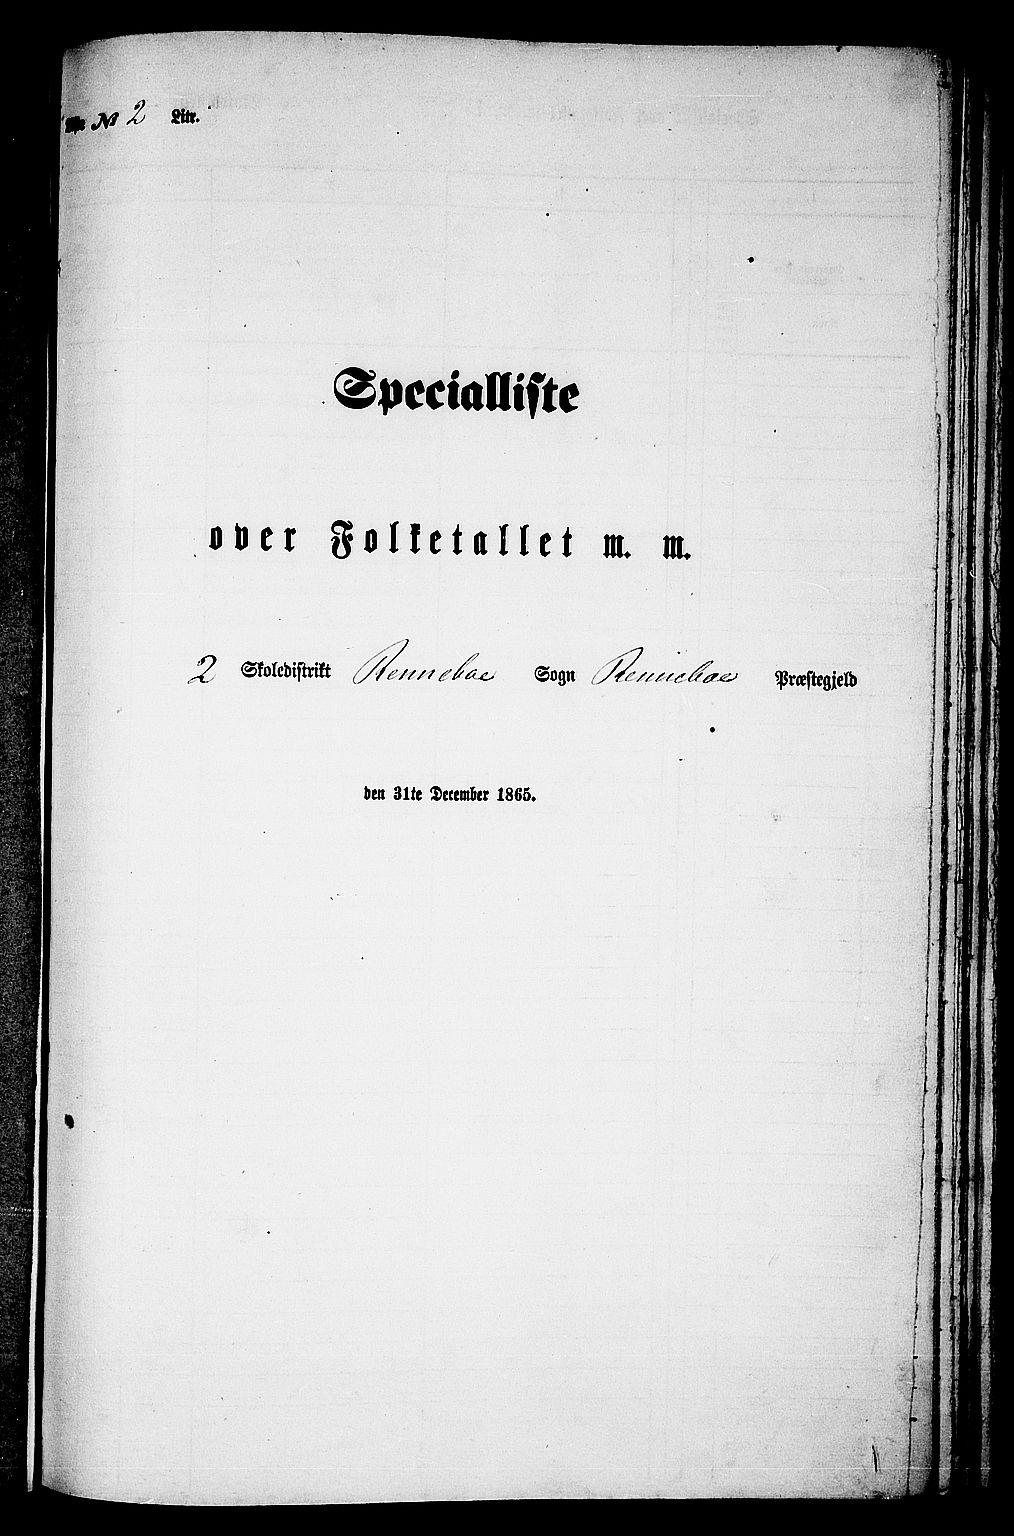 RA, Folketelling 1865 for 1635P Rennebu prestegjeld, 1865, s. 27